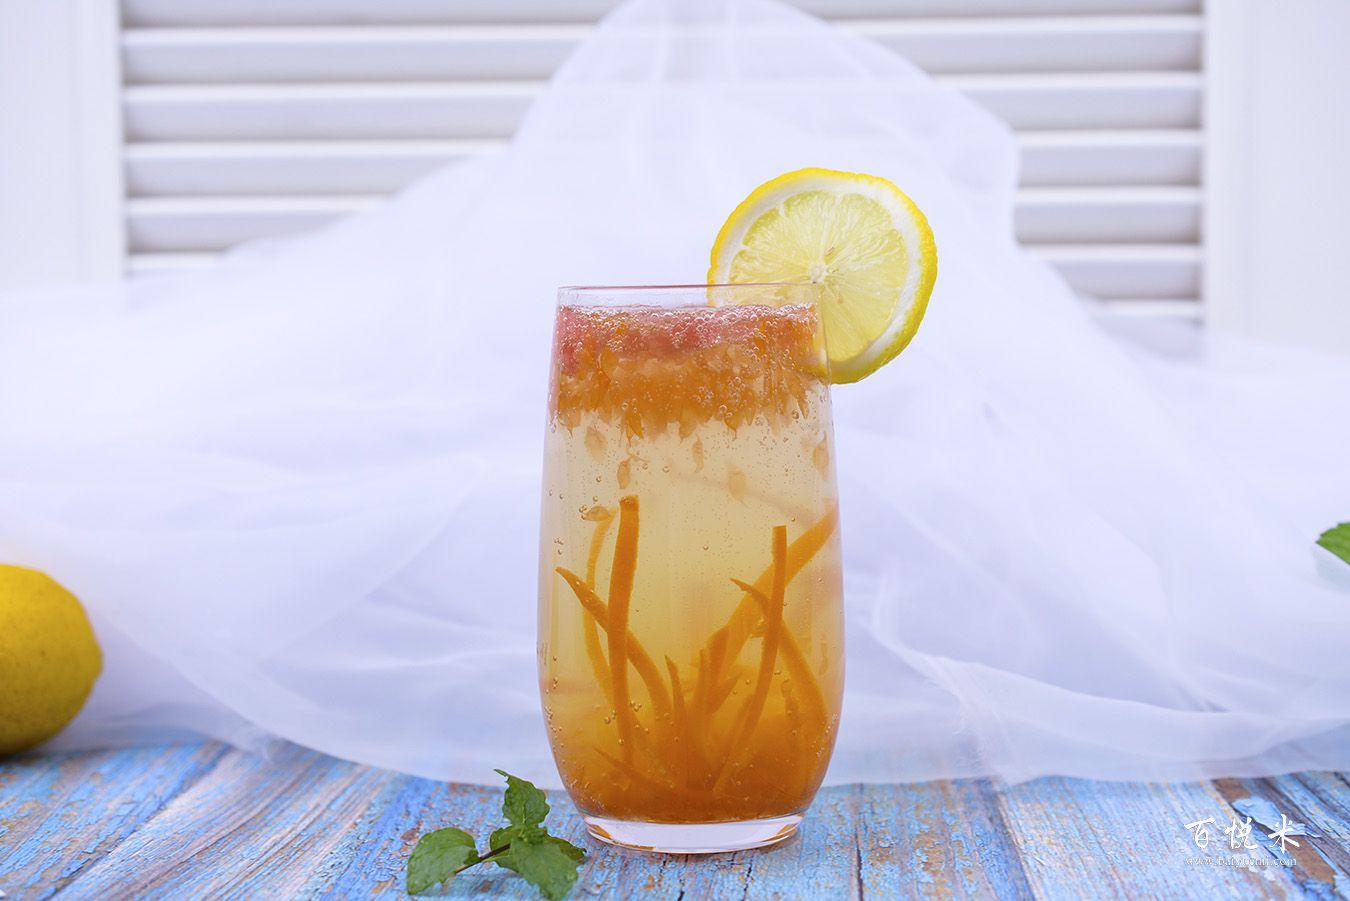 蜂蜜柚子茶高清图片大全【蛋糕图片】_1232